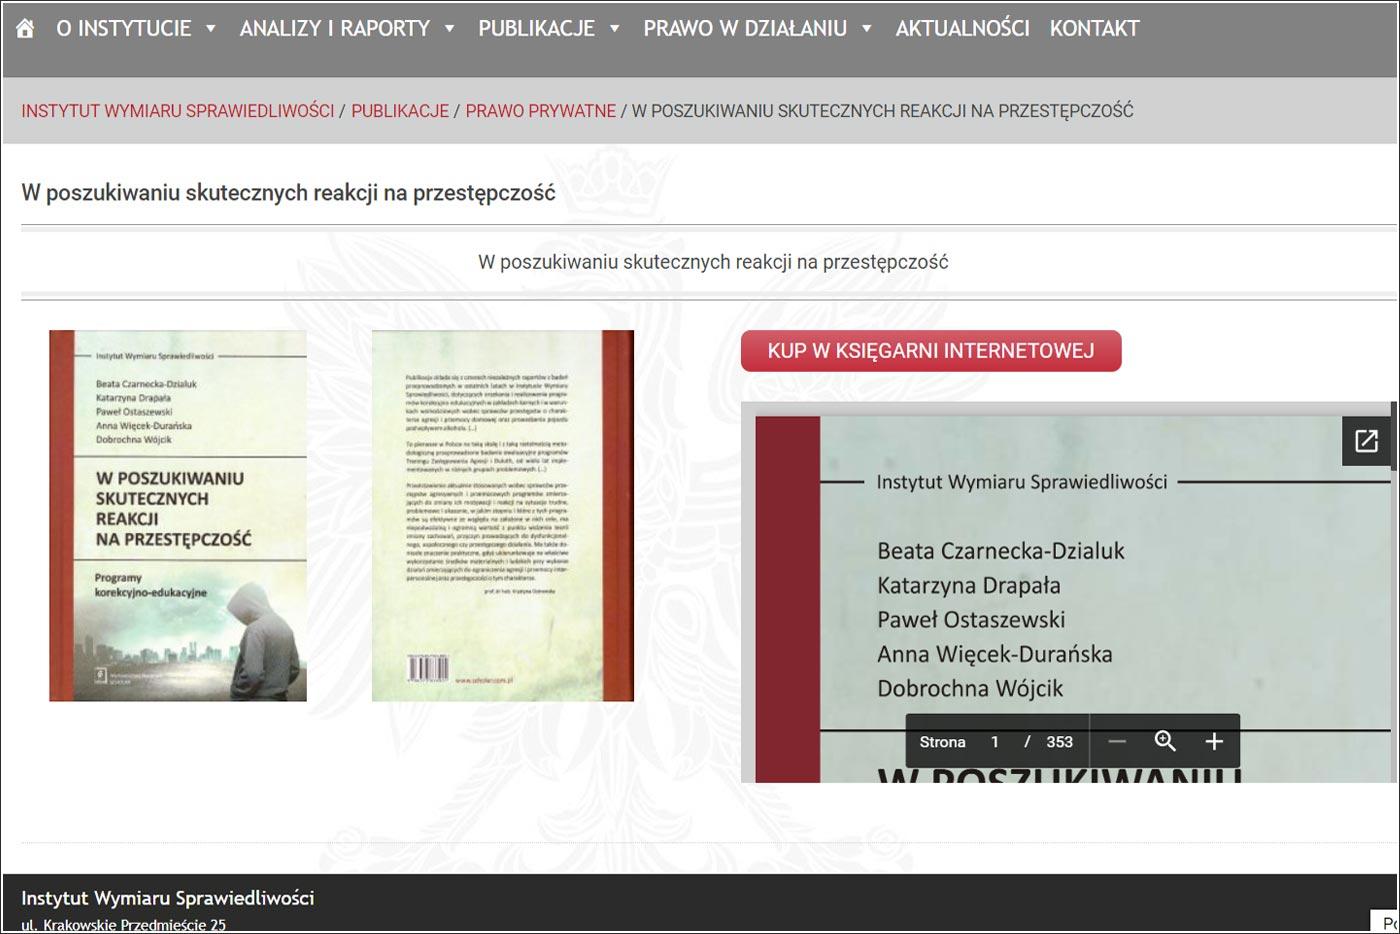 www.evion_.pl-agencja-reklamowa-agencja-marketingowa-agencja-interaktywna-Białystok-tworzenie-stron-www-projektowanie-stron-internetowych-tworzenie-sklepów-internetowych-wsklep-iws2